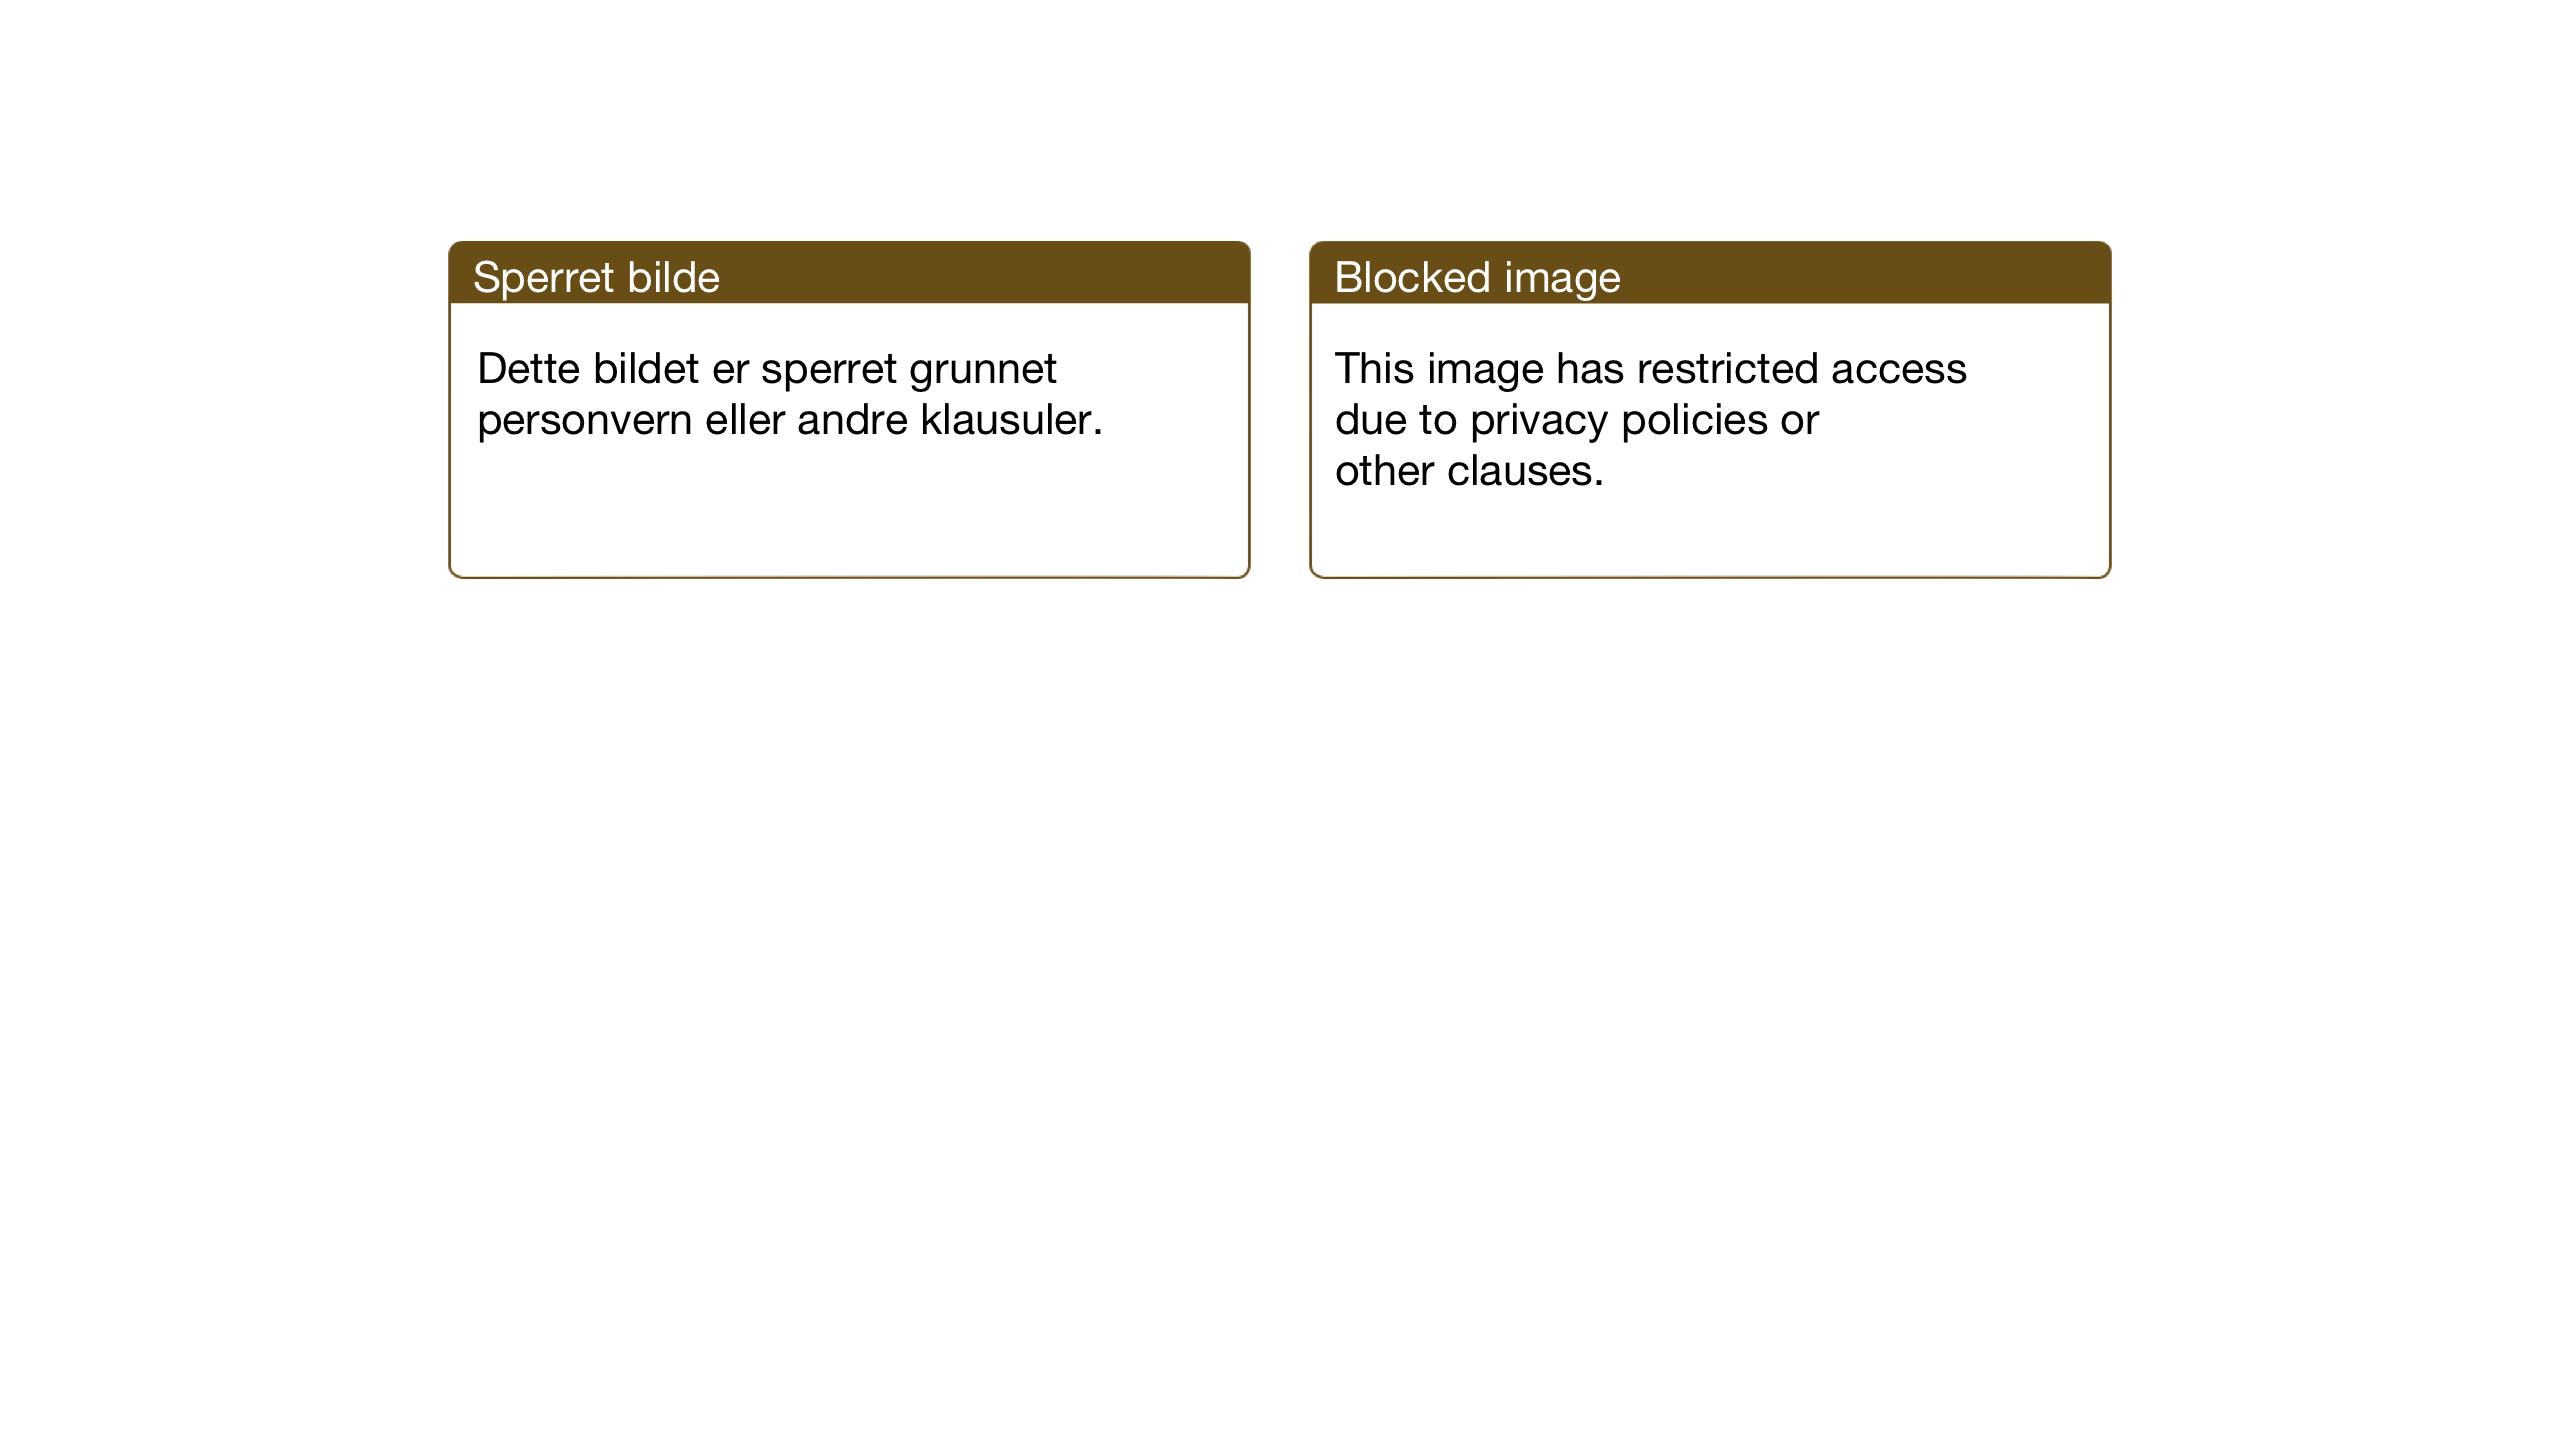 SAT, Ministerialprotokoller, klokkerbøker og fødselsregistre - Sør-Trøndelag, 606/L0314: Klokkerbok nr. 606C10, 1911-1937, s. 121